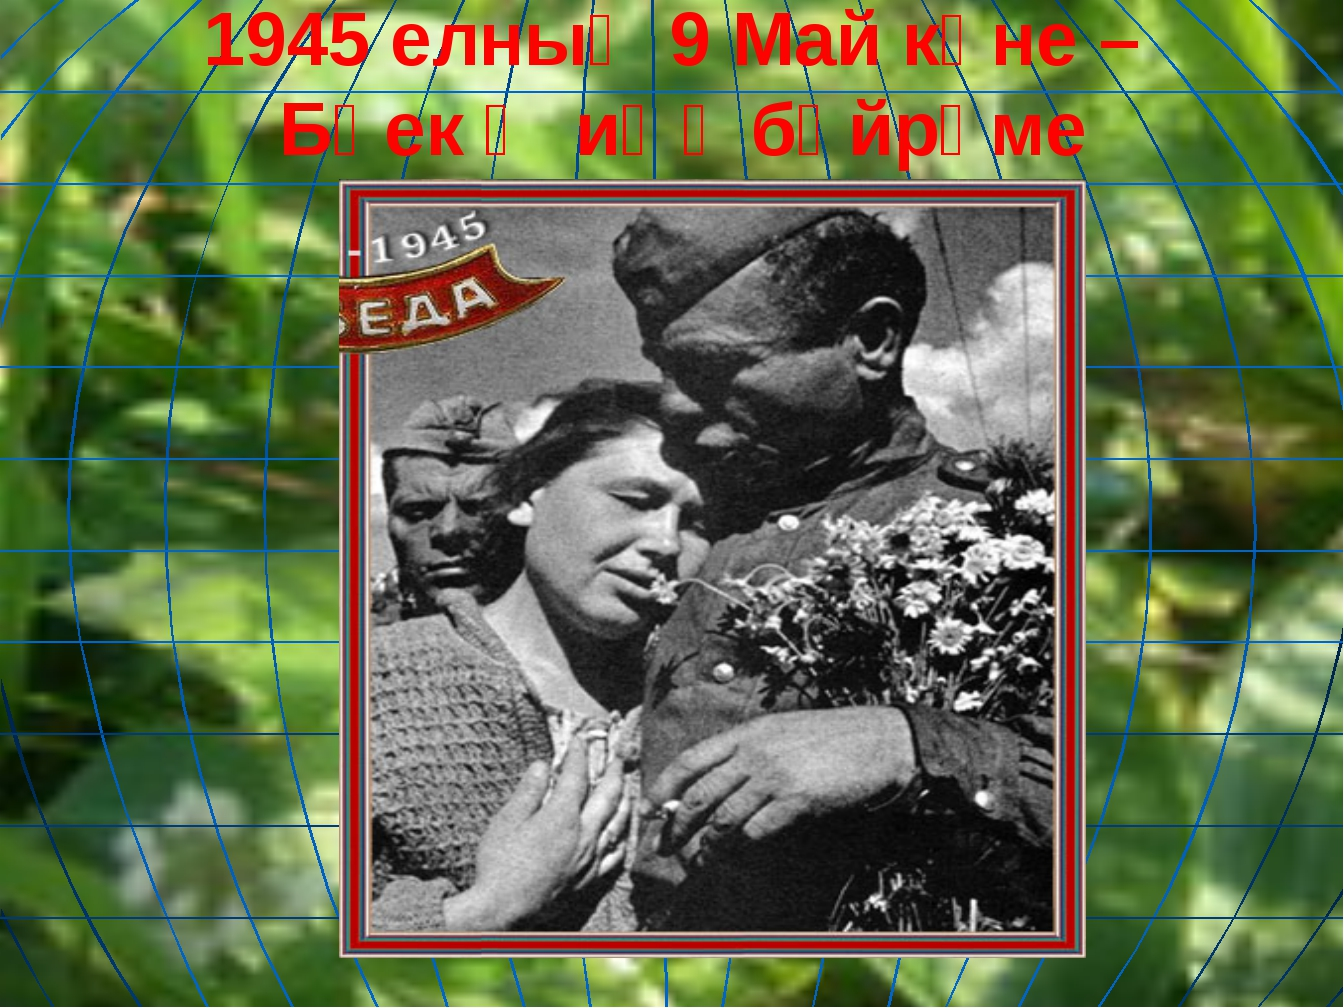 1945 елныӊ 9 Май көне – Бөек Җиӊү бәйрәме